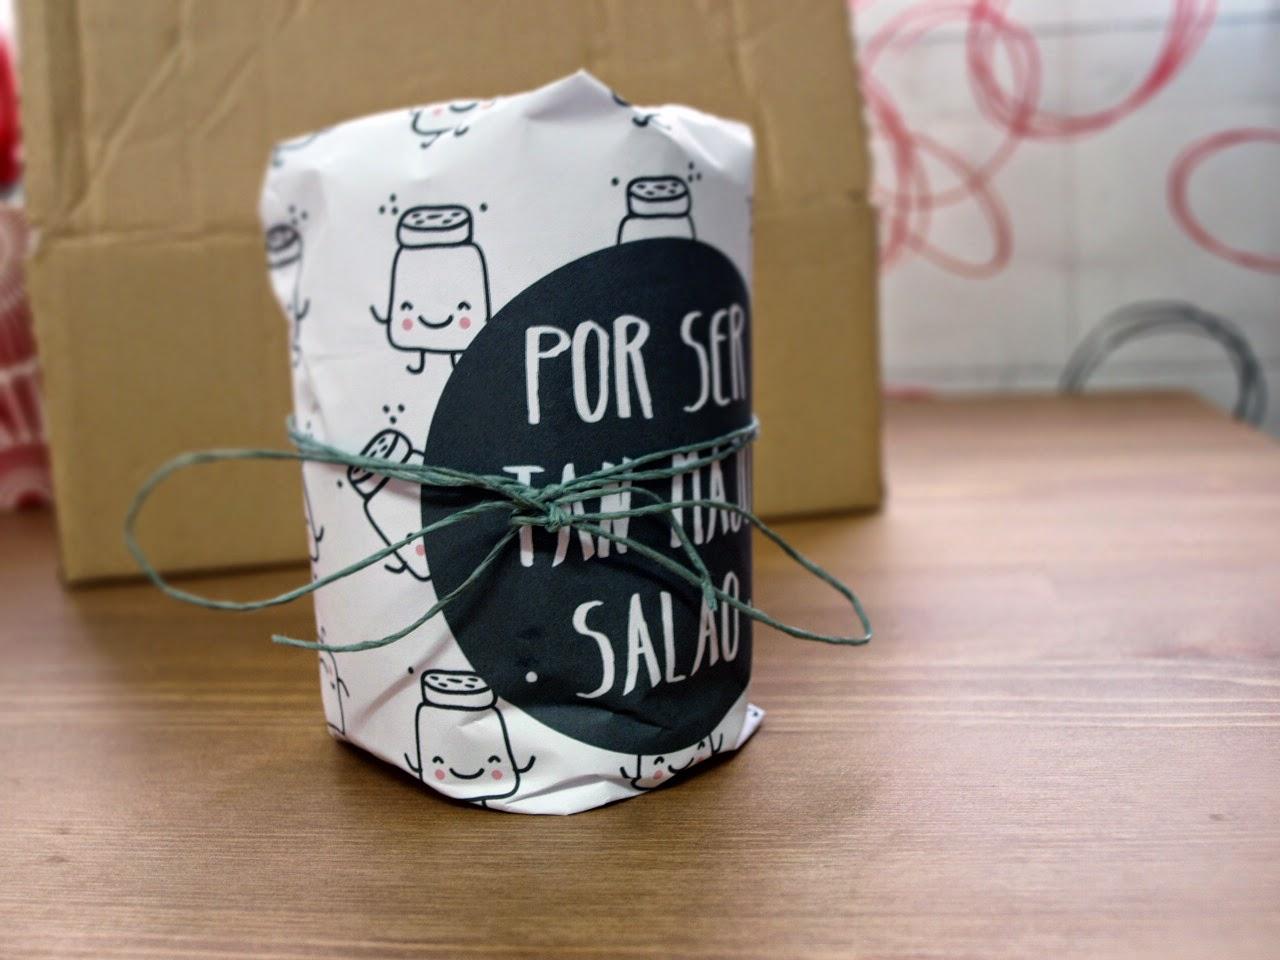 Cómo conseguir que un regalo sea original y único